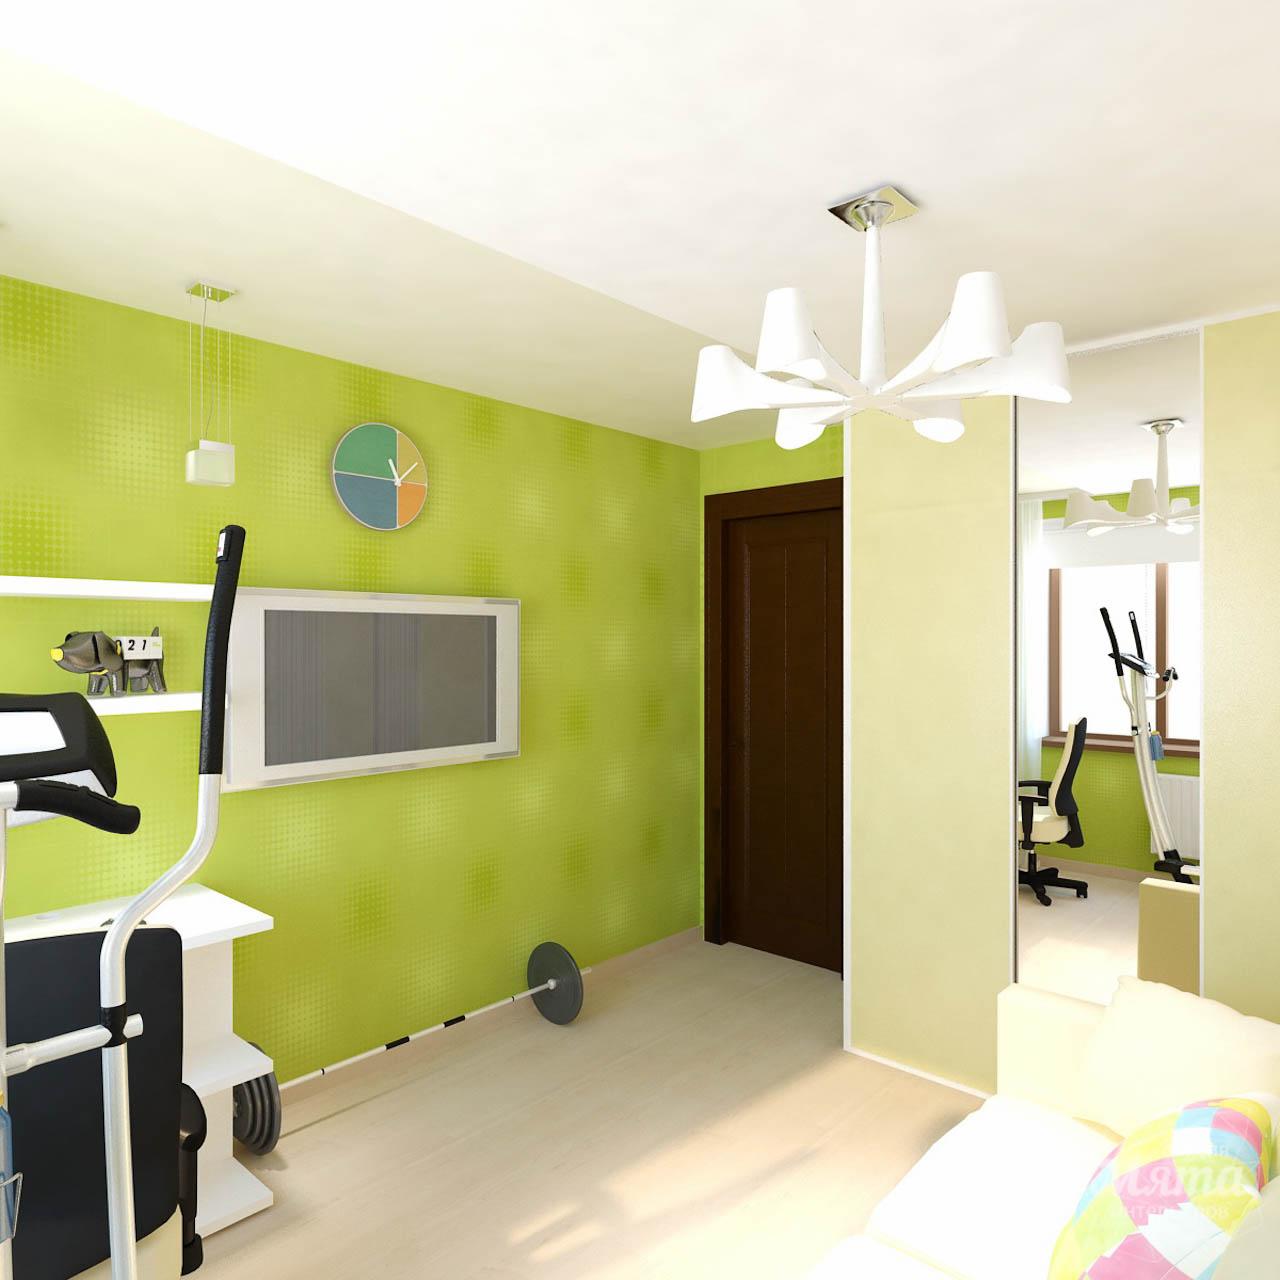 Дизайн интерьера двухкомнатной квартиры по ул. Бебеля 156 img100309225